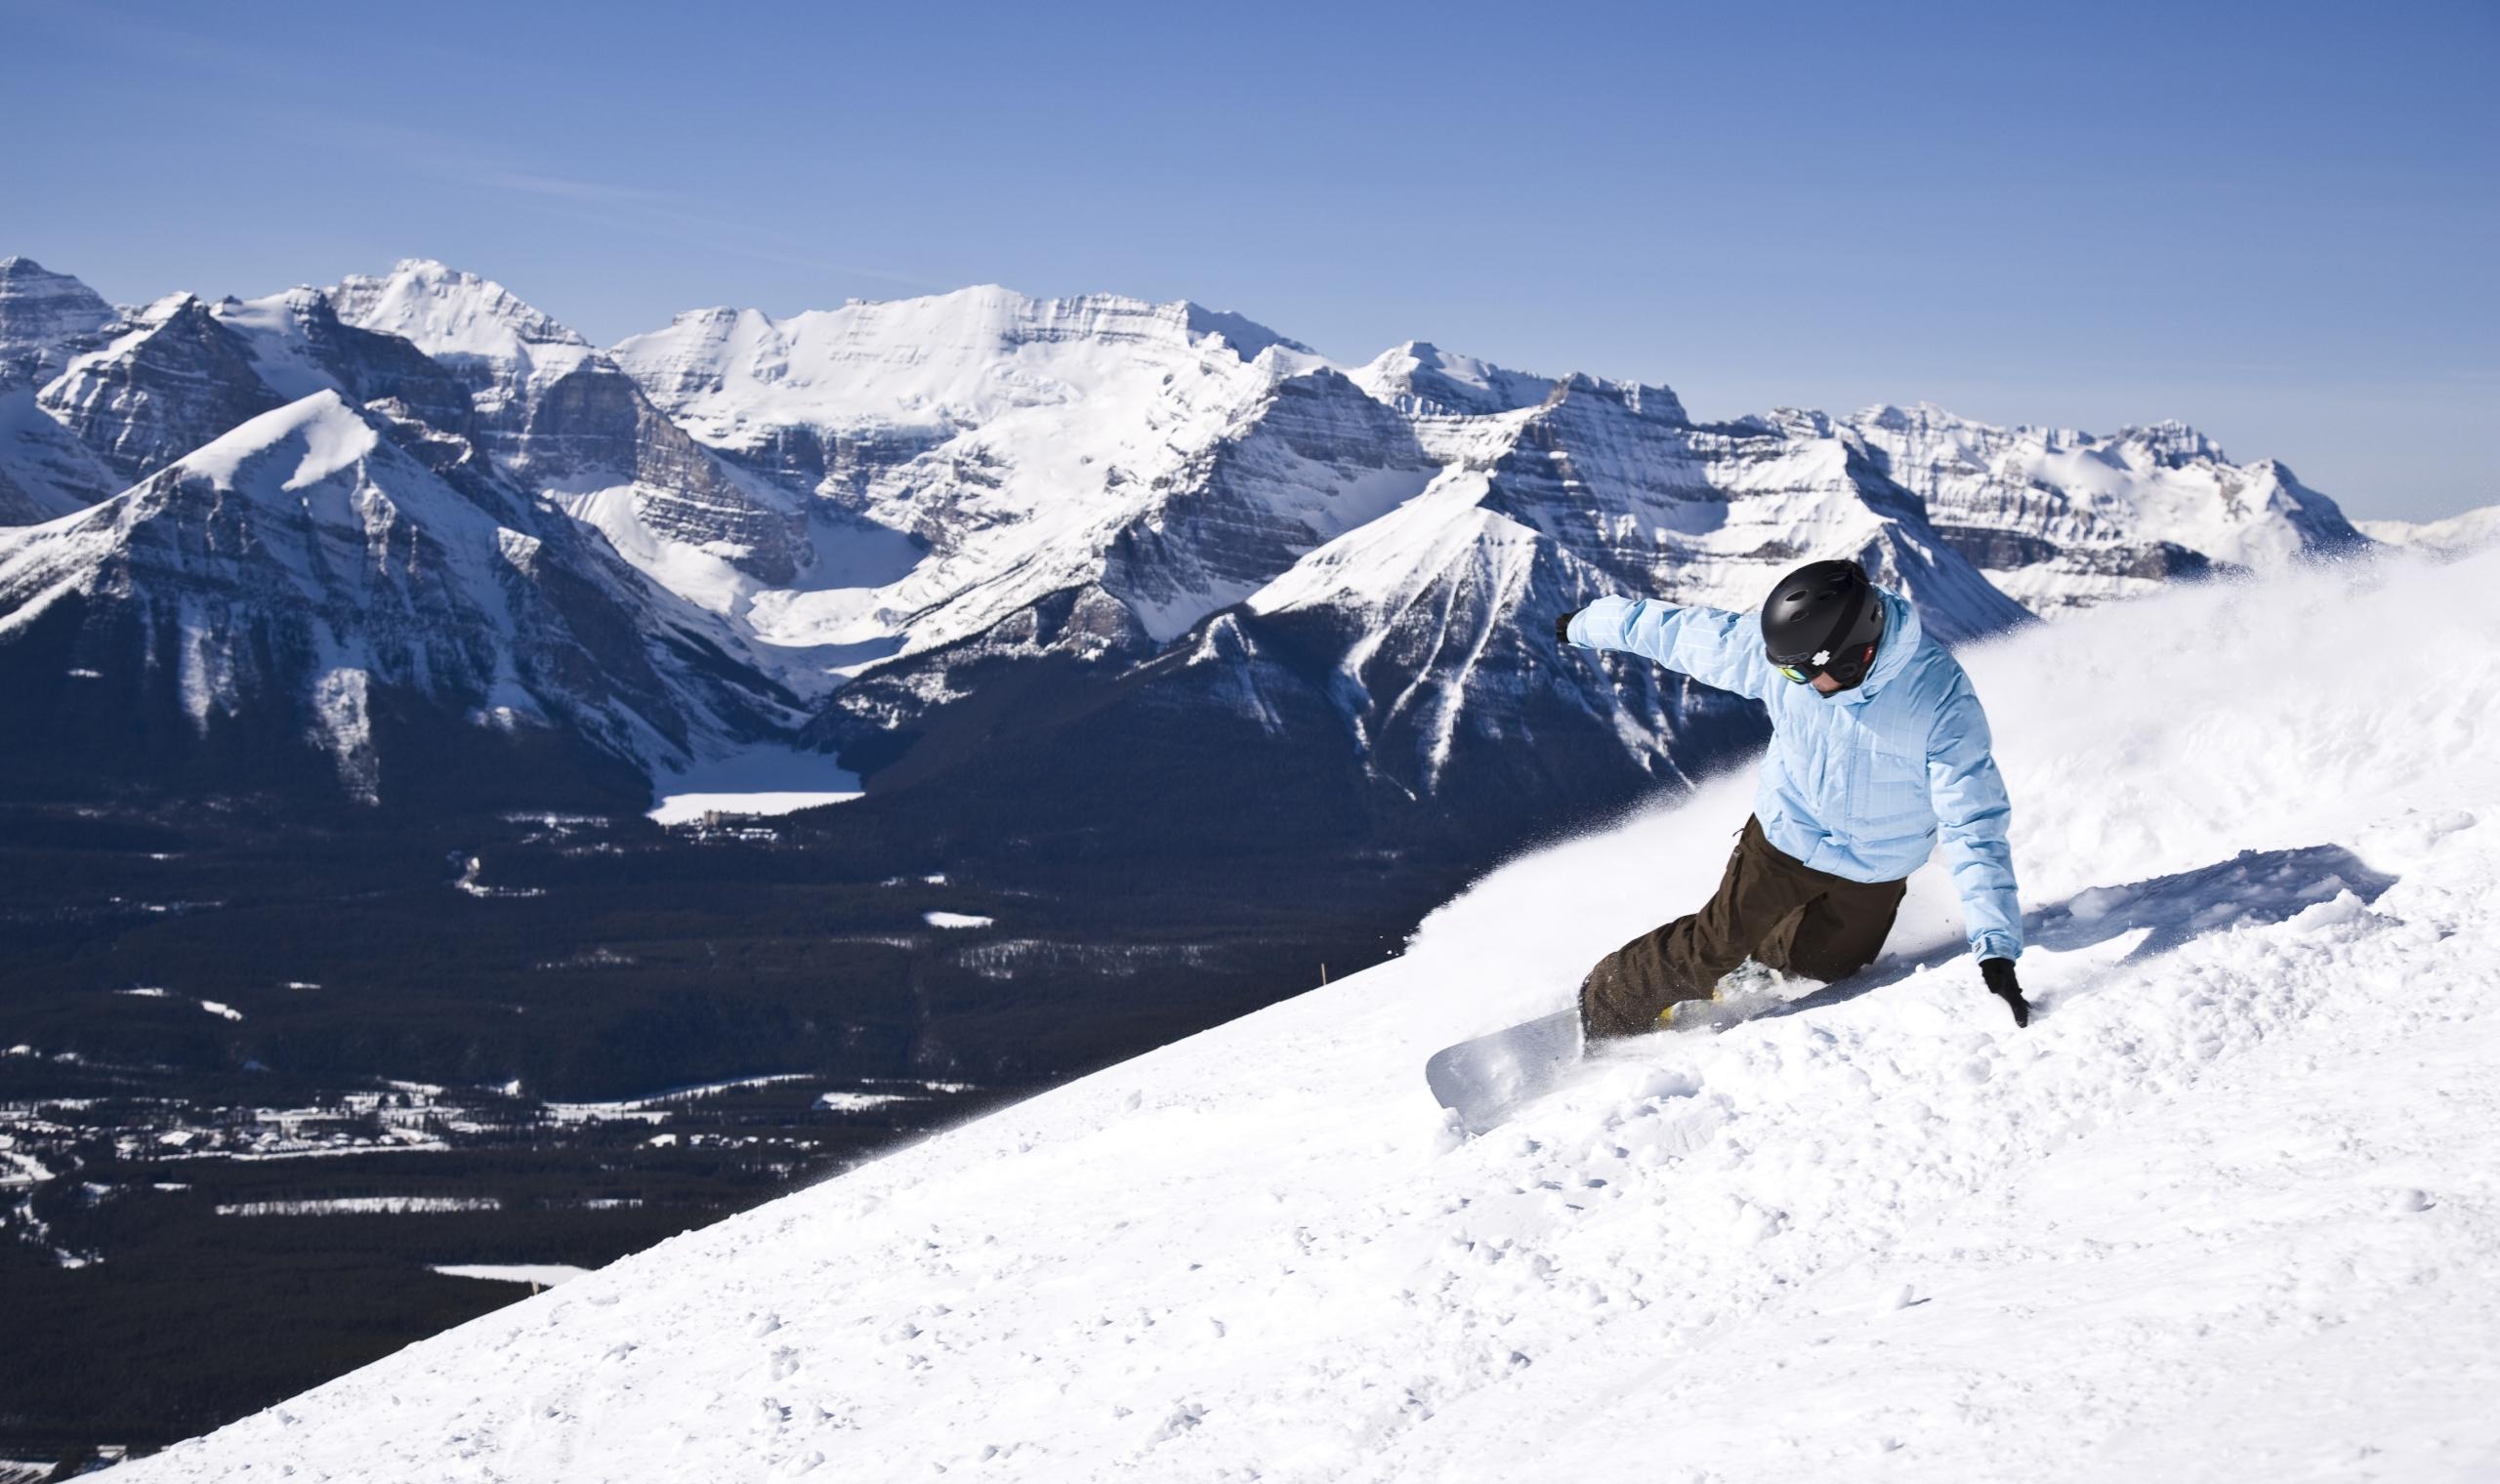 Lake Louise Ski Resort Amp Holidays 2018 Amp 2019 Canadian